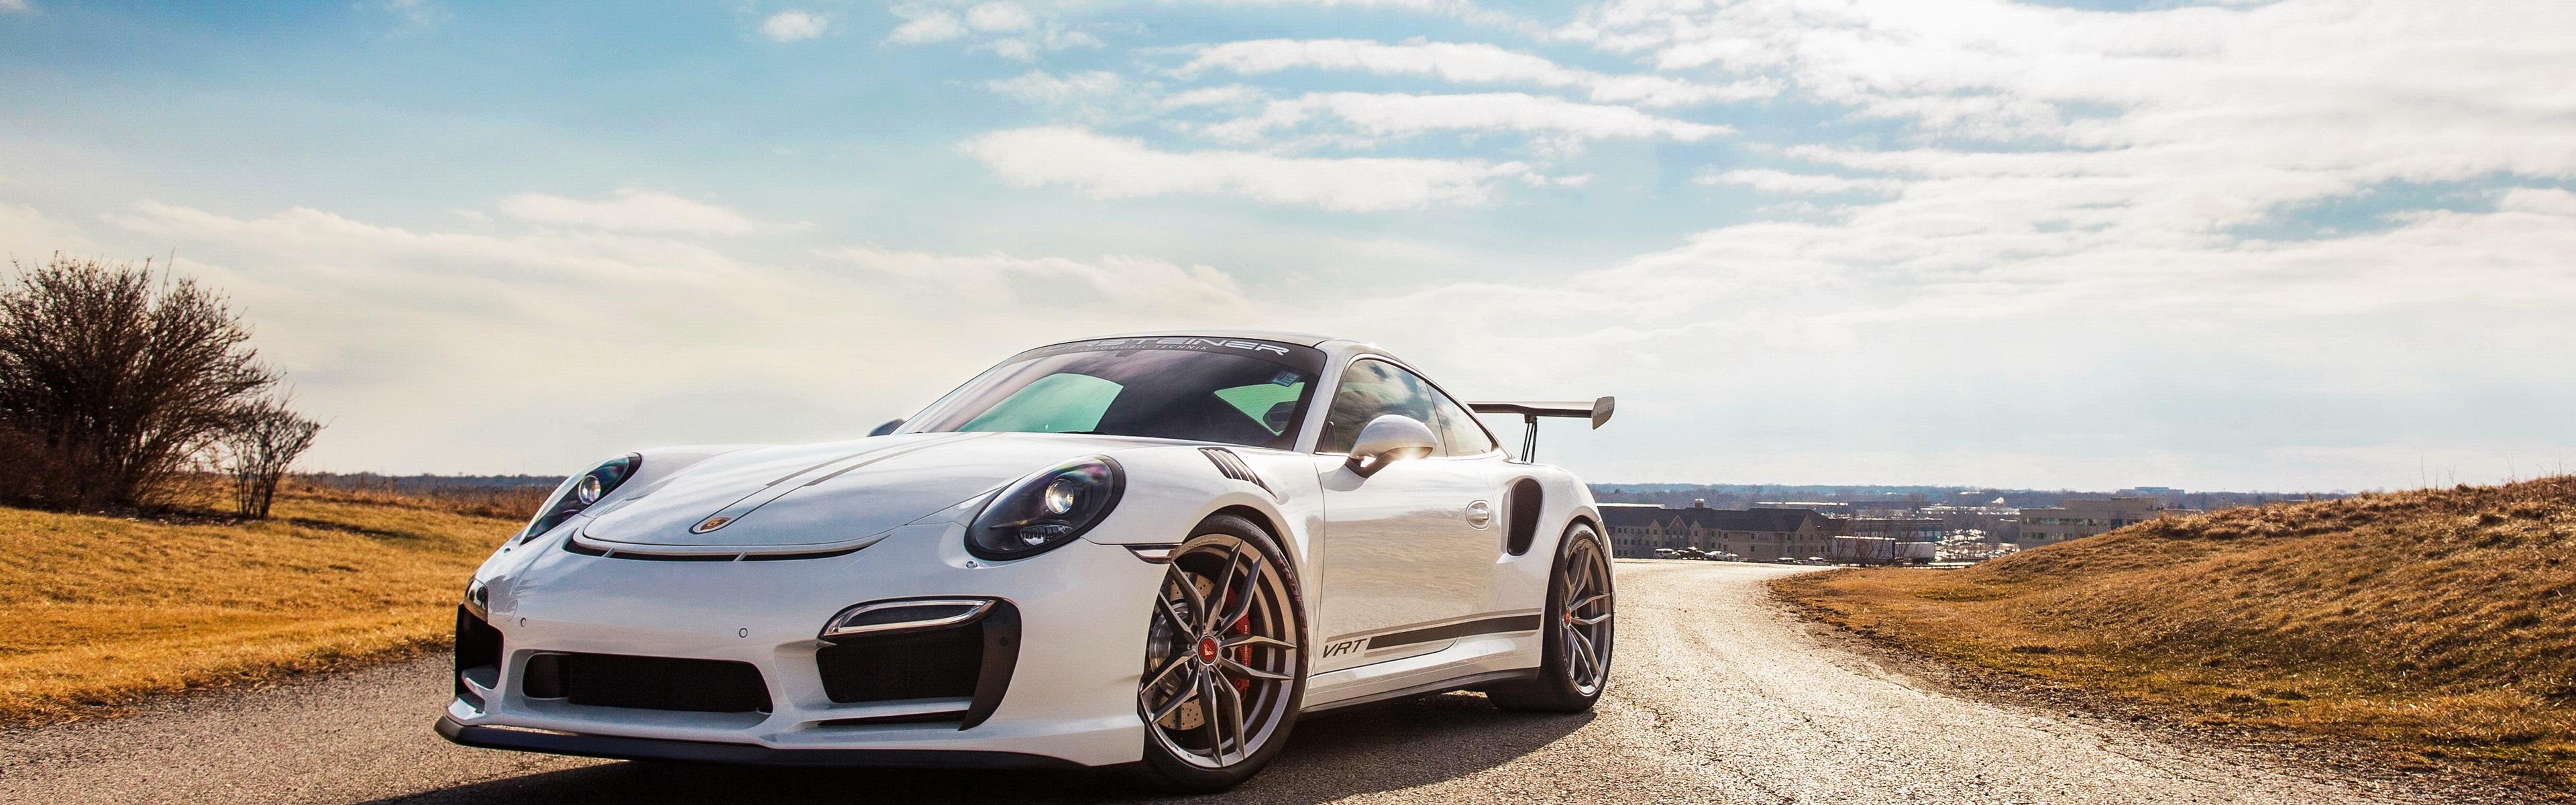 Wallpaper Porsche 911 Turbo V Rt White Supercar 3840x2160